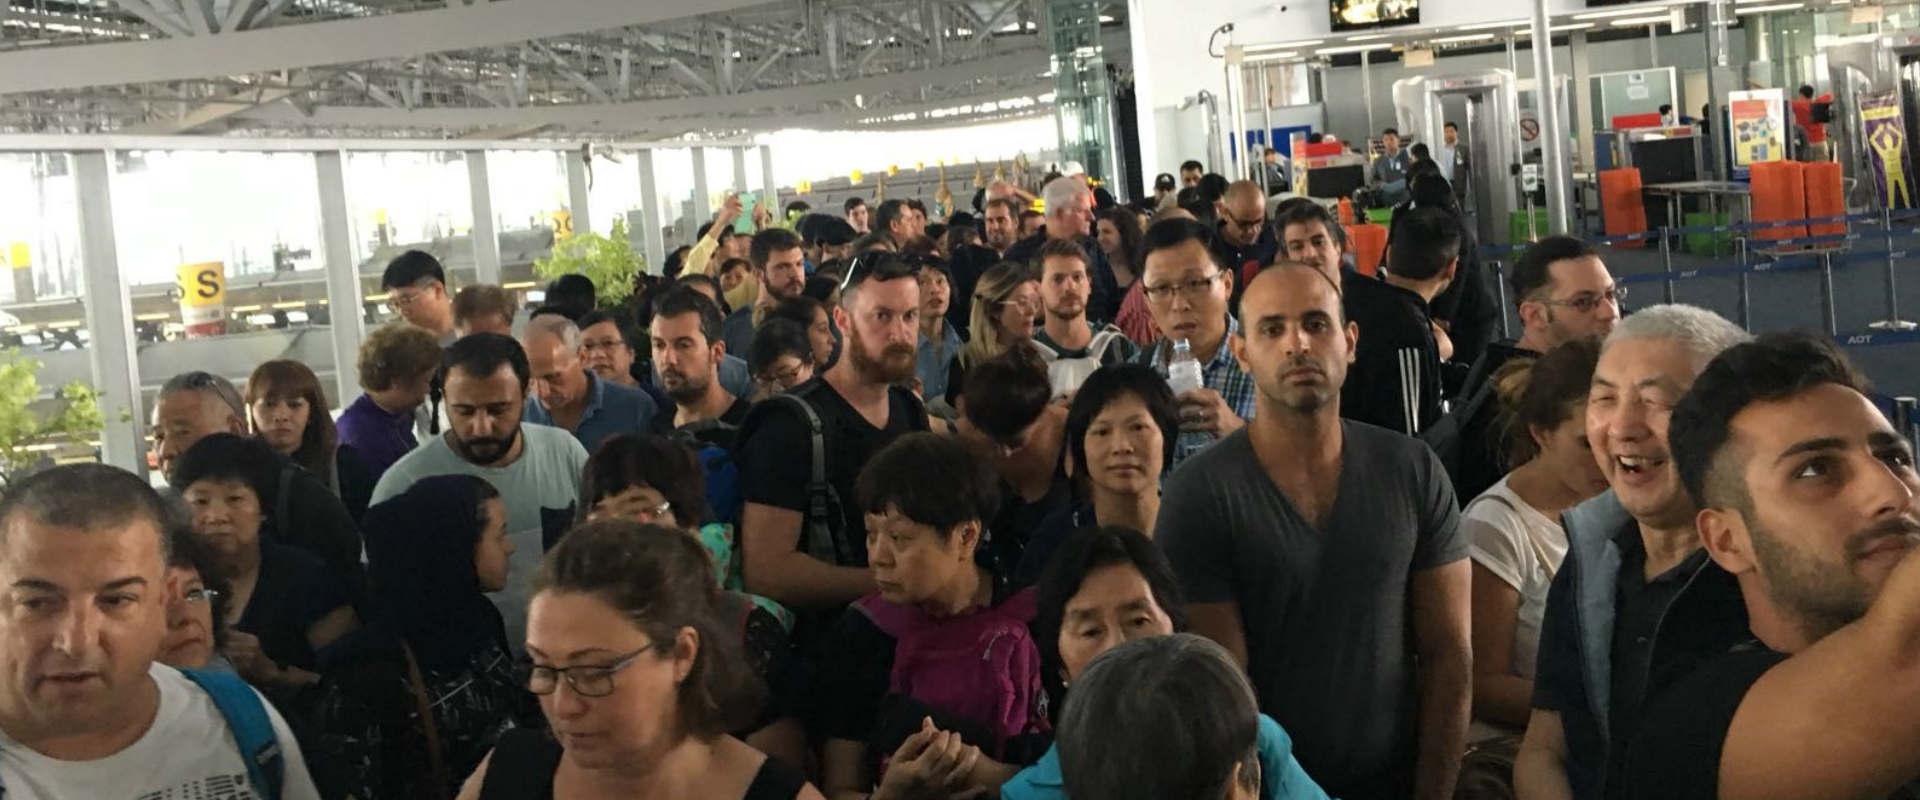 הנוסעים בנמל התעופה בבנגקוק